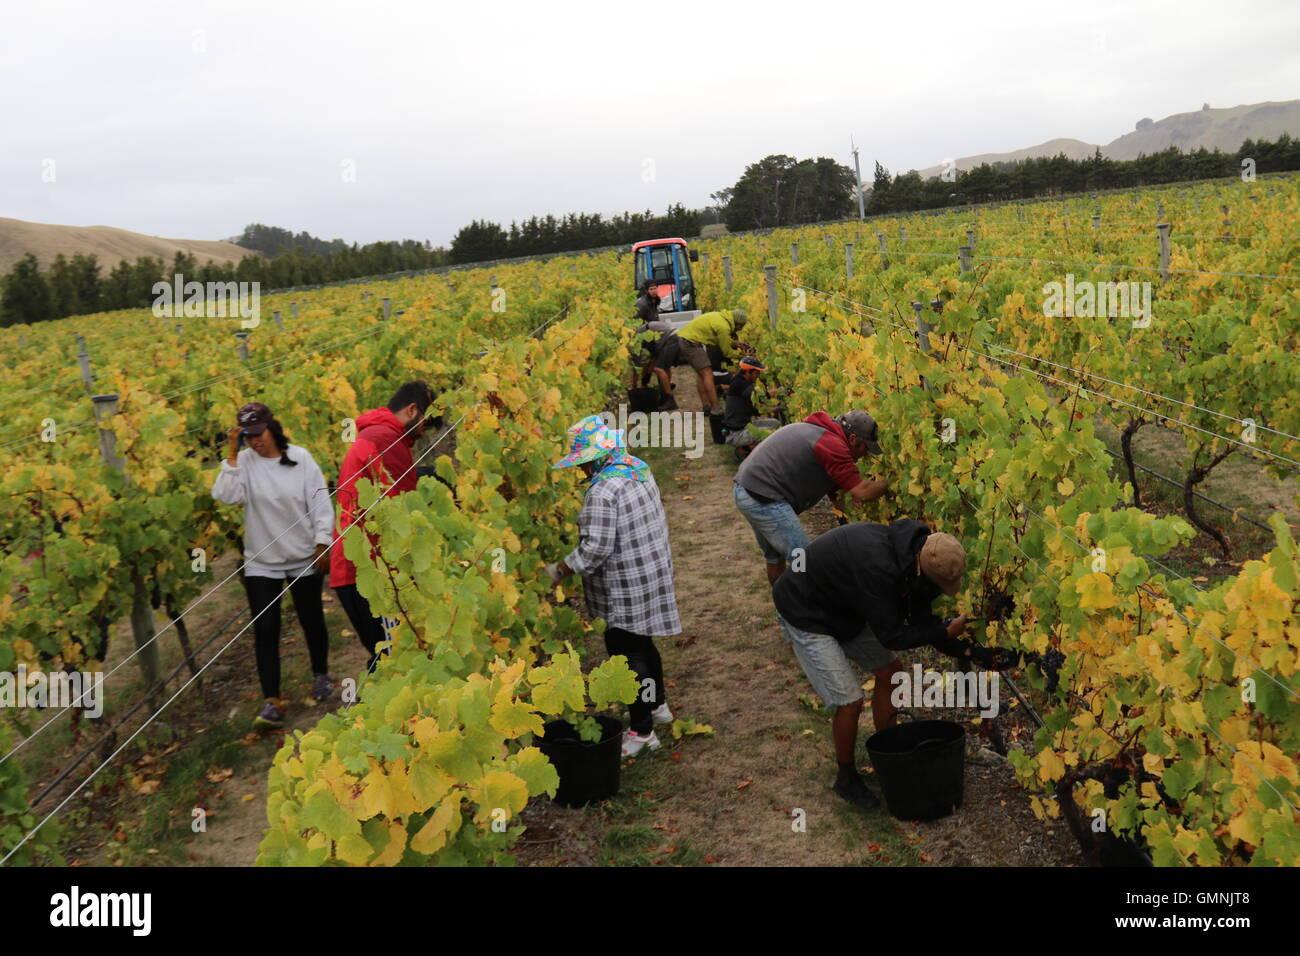 L'escarpement de vendangeurs au vignoble, Martinborough, Nouvelle-Zélande Photo Stock